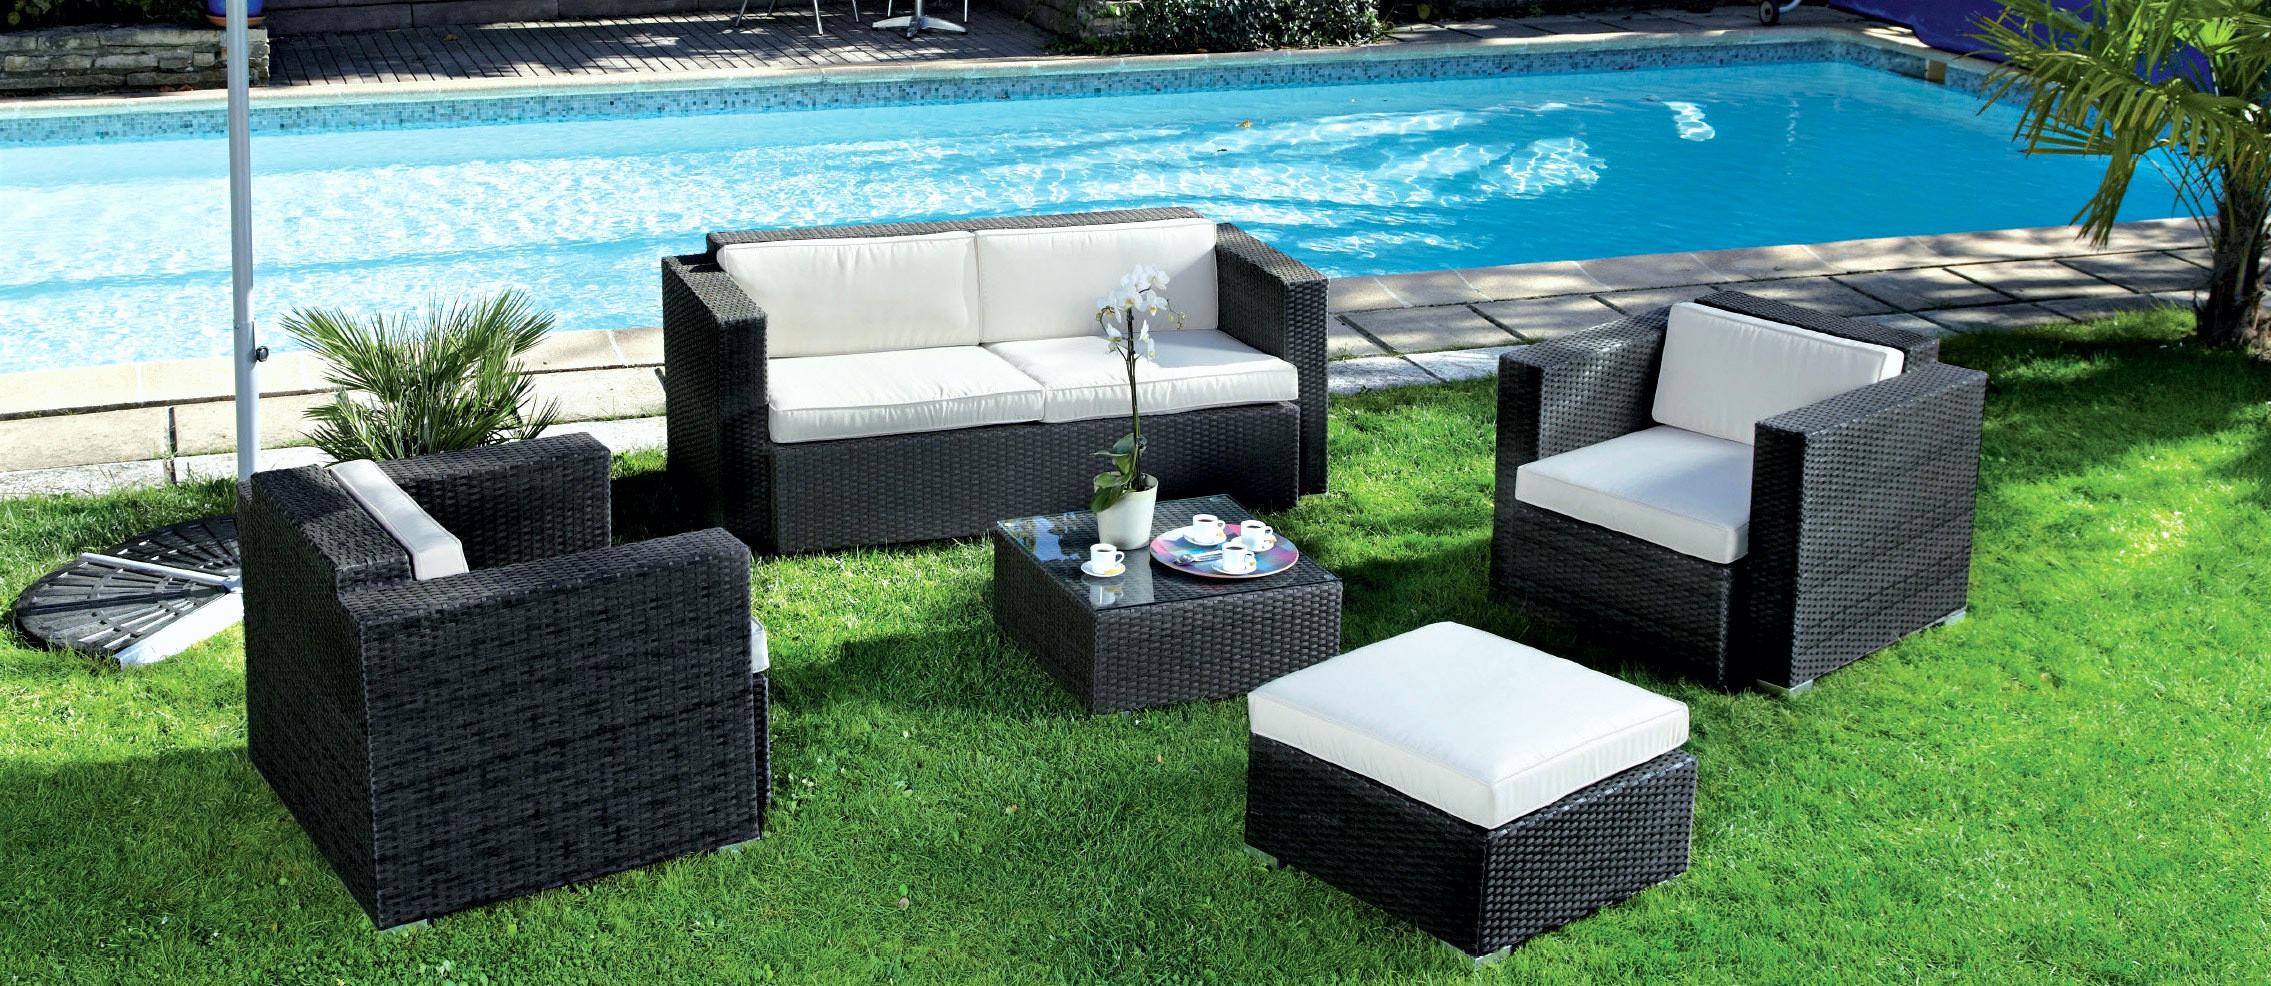 solde salon de jardin castorama inspire salon de jardin aluminium castorama elegant castorama table jardin of solde salon de jardin castorama